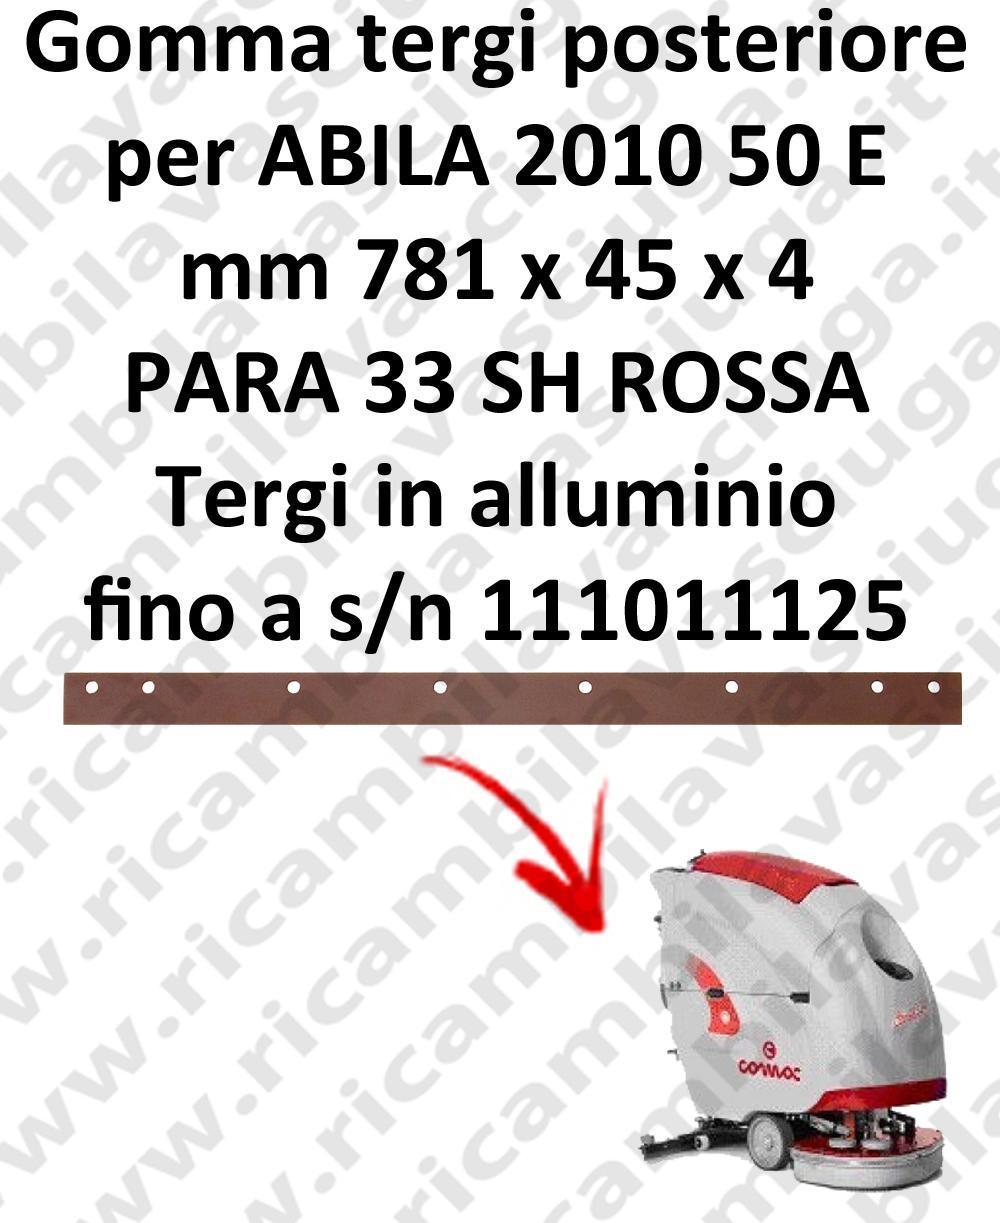 ABILA 2010 50 y fino a s/n 111011125 goma de secado trasero para COMAC repuestos fregadoras squeegee